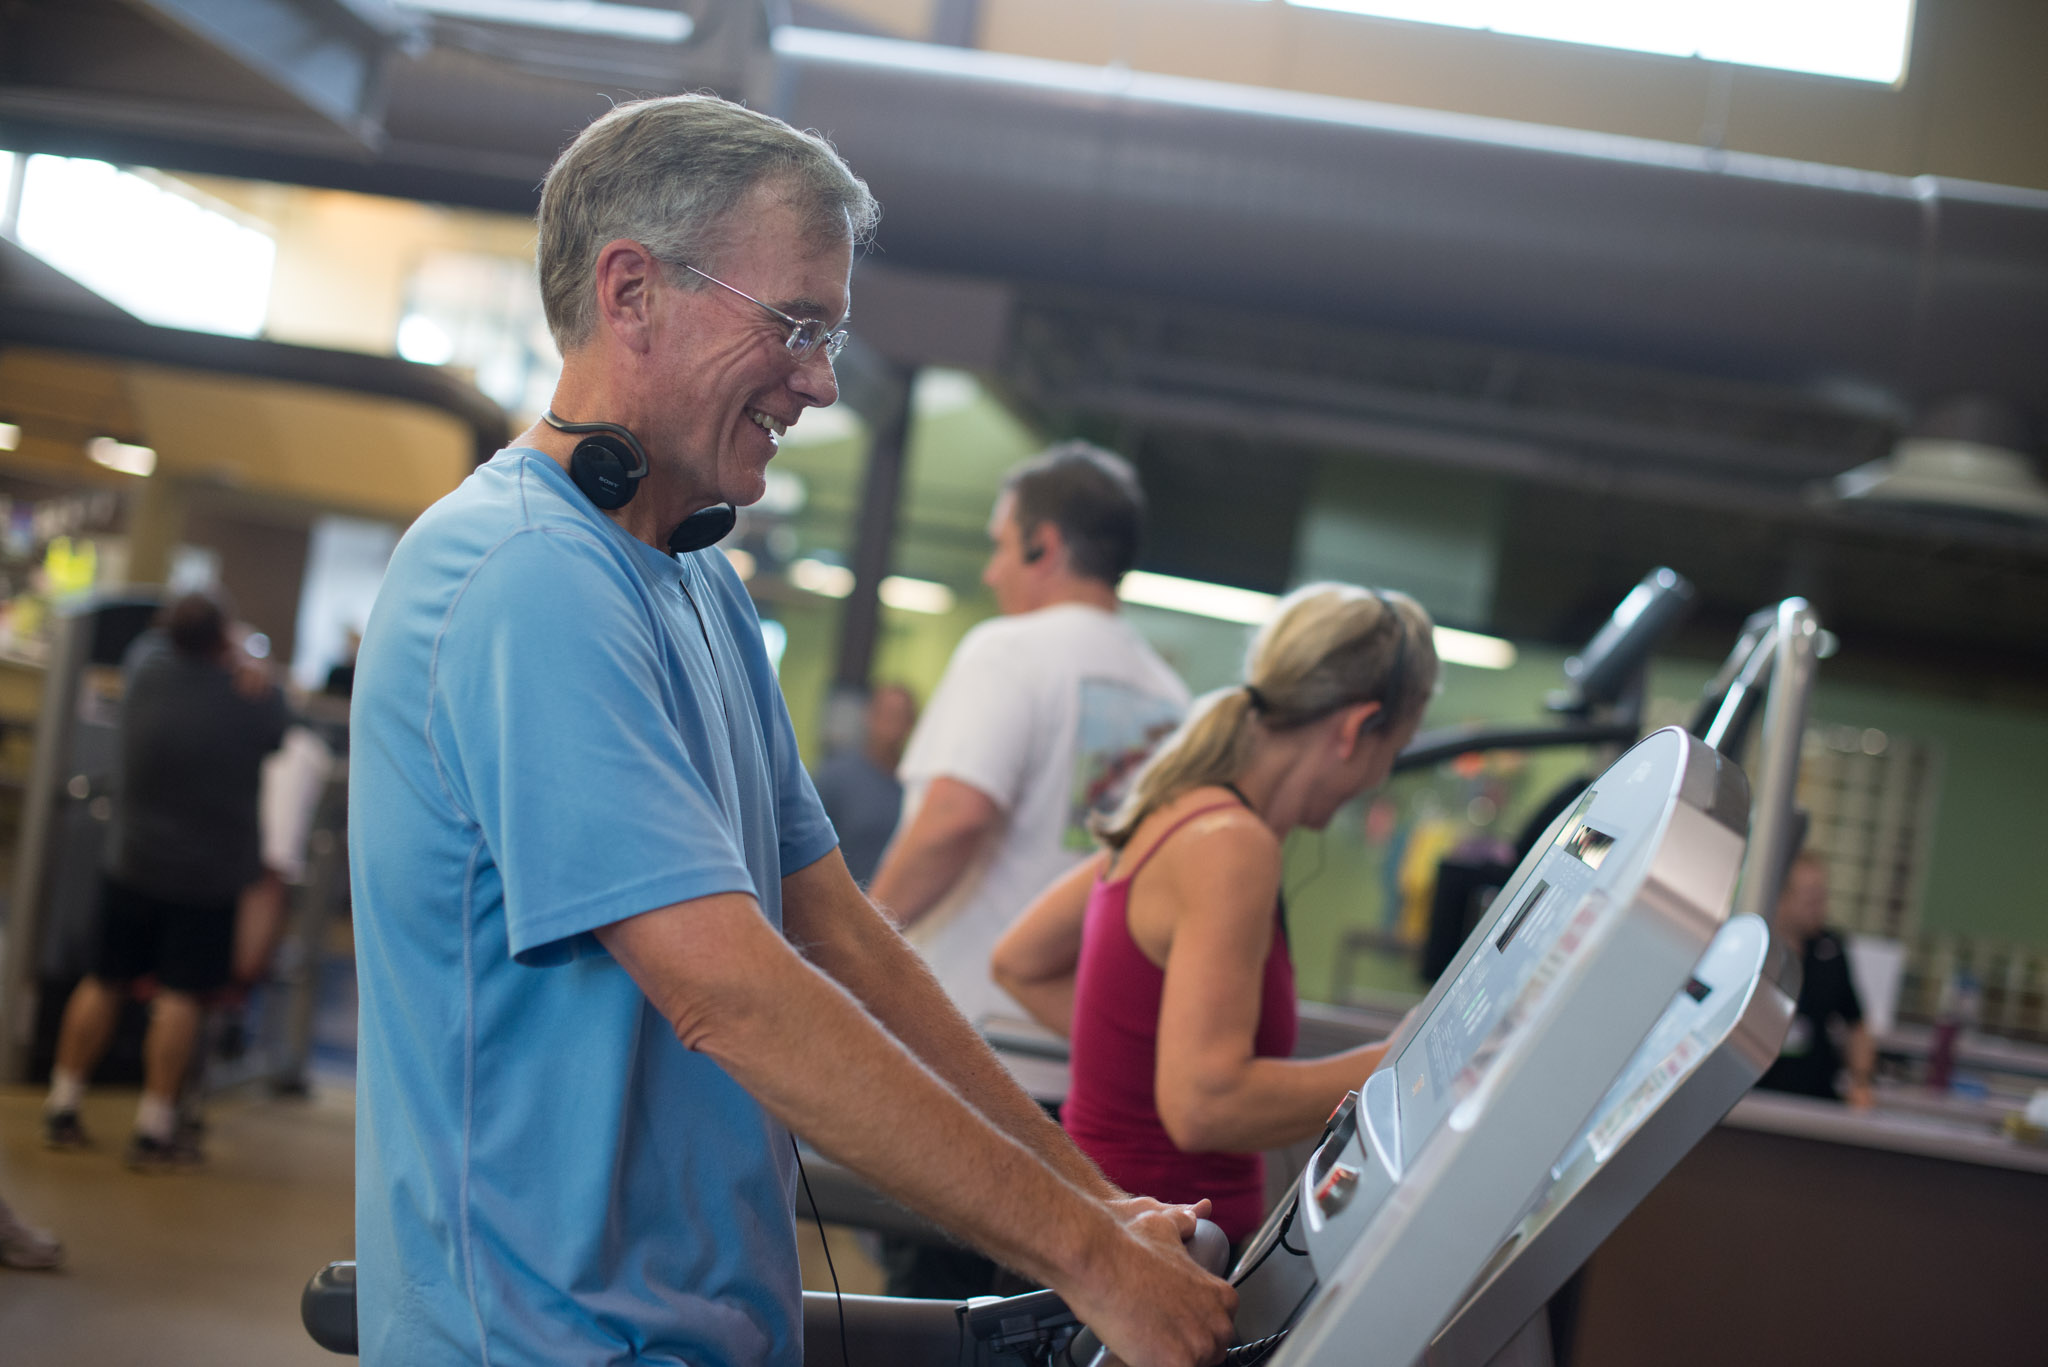 Wellness Center Stock Photos-1250.jpg